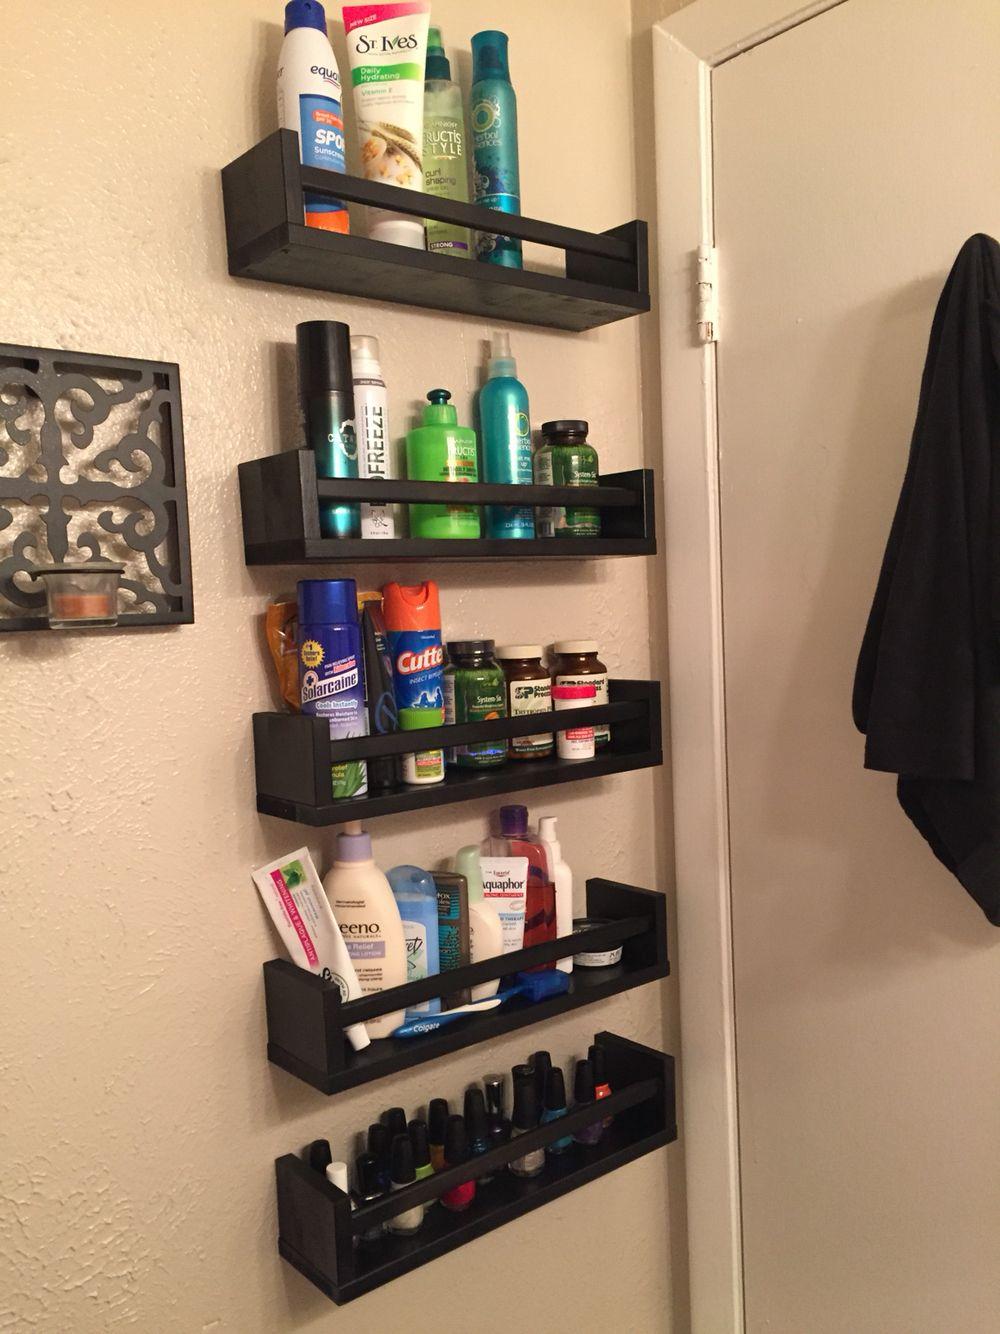 Storage Behind My Bathroom Door Using Bekvam Spice Racks regarding proportions 1000 X 1334